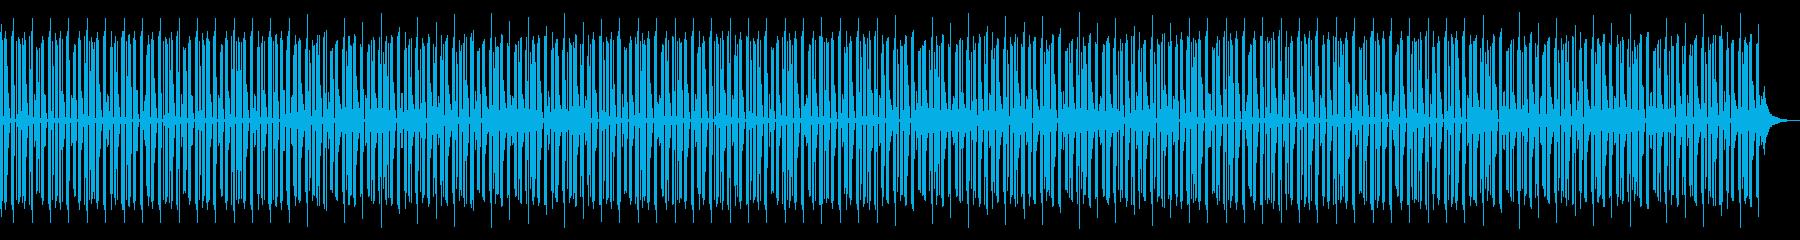 日常・通勤・通学路・朝の再生済みの波形